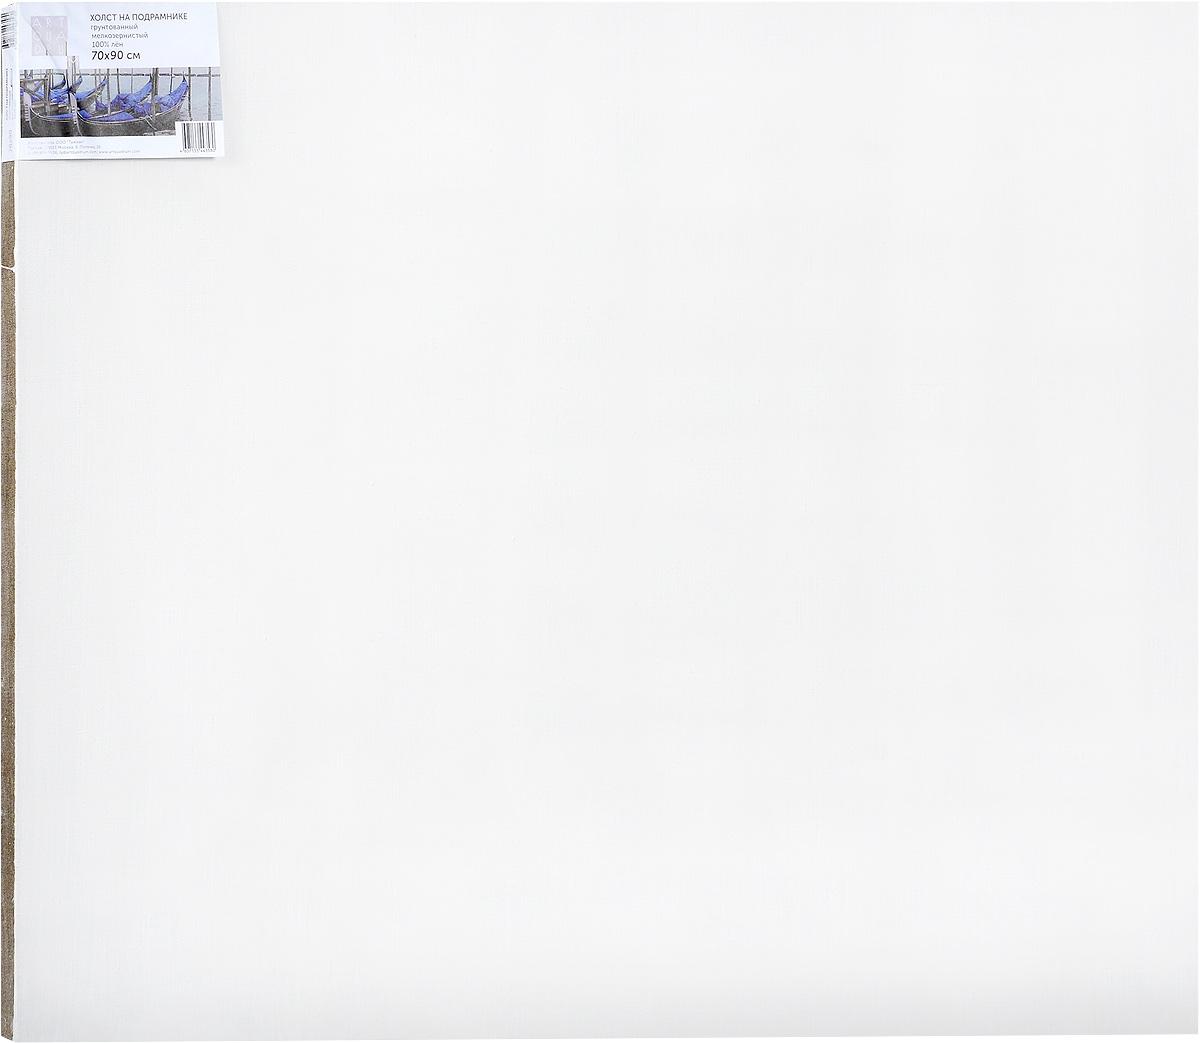 Холст ArtQuaDram Мелкозернистый на подрамнике, грунтованный, 70 х 90 смТ0003852Холст на деревянном подрамнике ArtQuaDram Мелкозернистый изготовлен из 100% натурального льна. Подходит для профессионалов и художников. Холст не трескается, не впитывает слишком много краски, цвет краски и качество не изменяются. Холст идеально подходит для масляной и акриловой живописи.